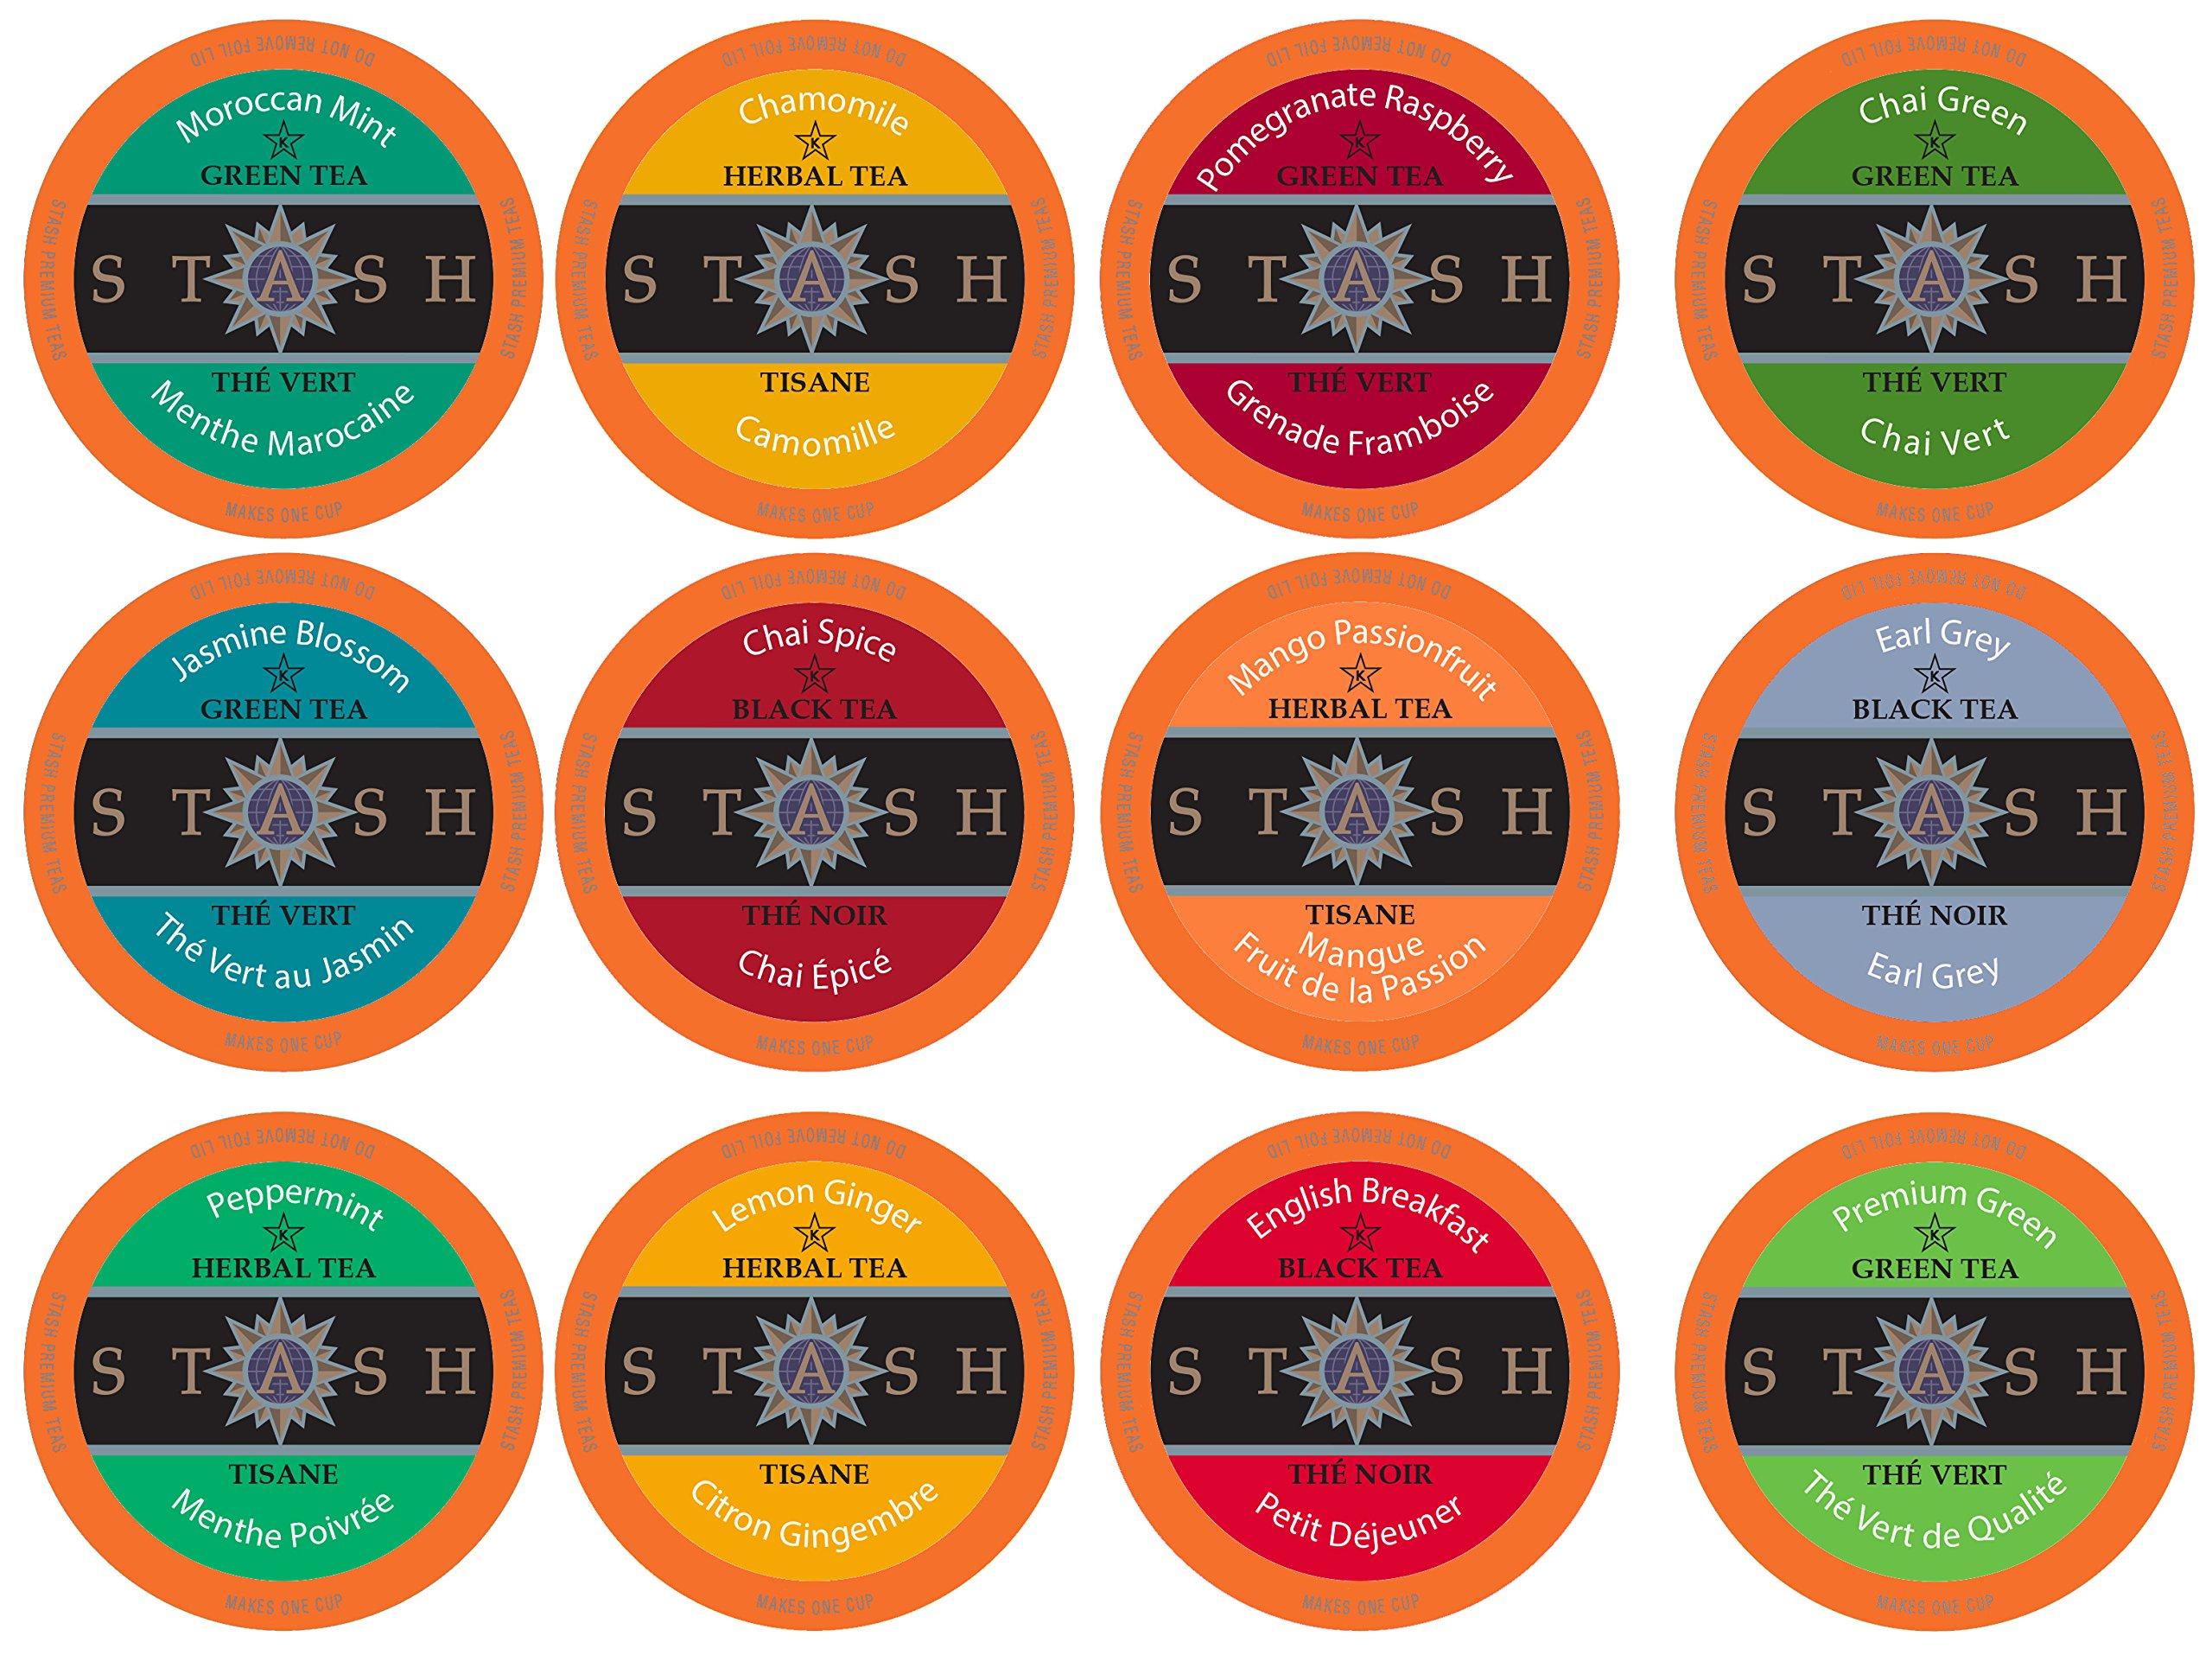 Stash Tea Variety Pack Single-Cup Tea for Keurig K-Cup Brewers, 12 Count (Pack of 6) by Stash Tea